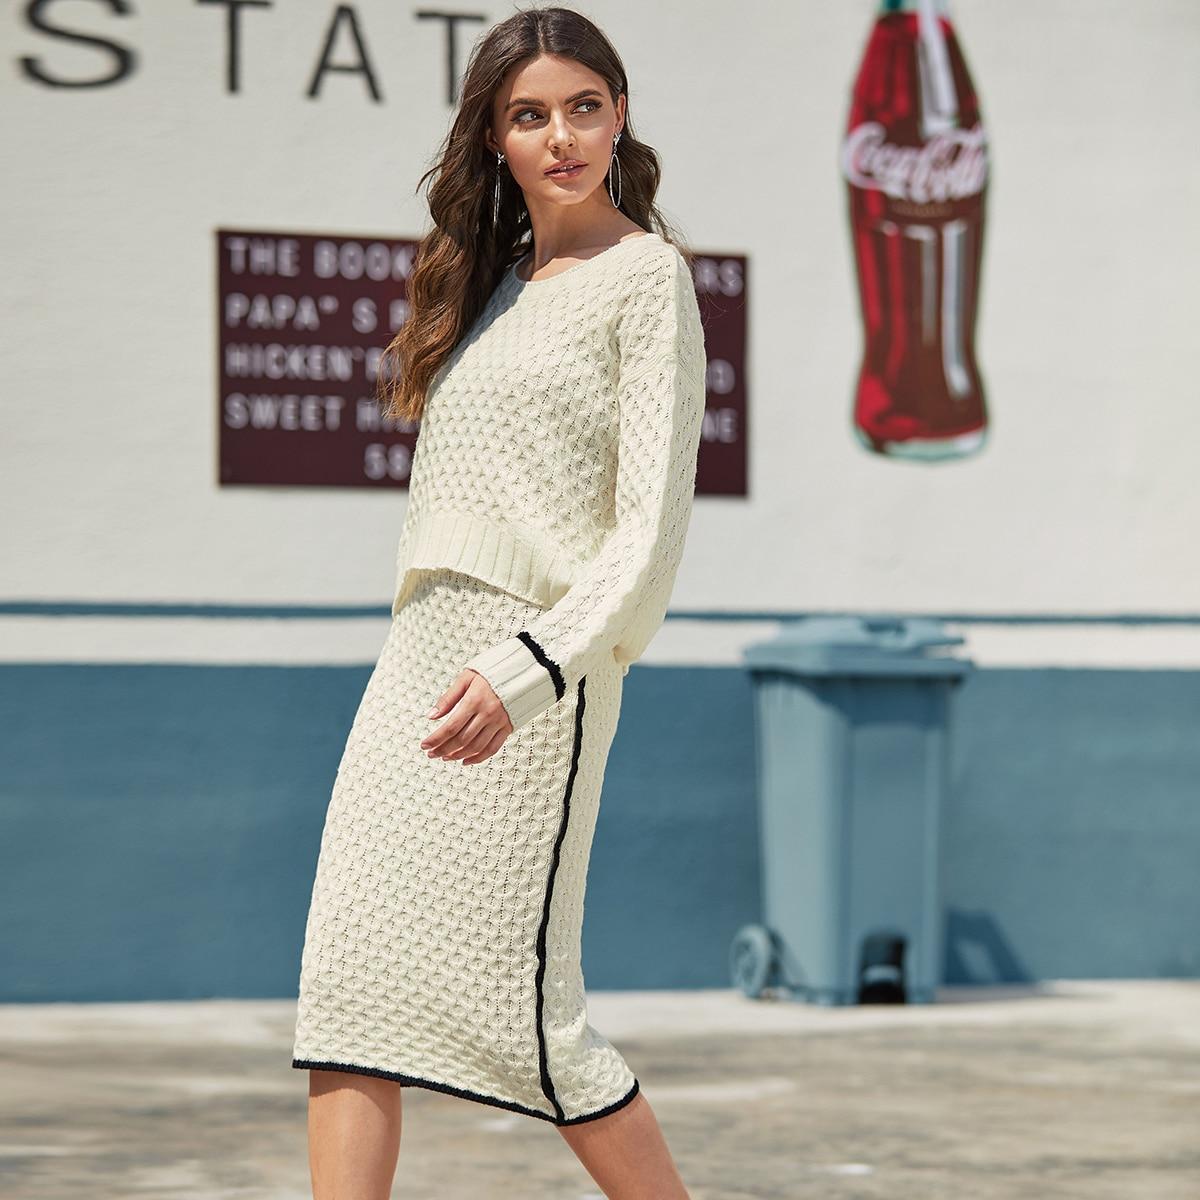 Трикотажный свитер и юбка с контрастной отделкой